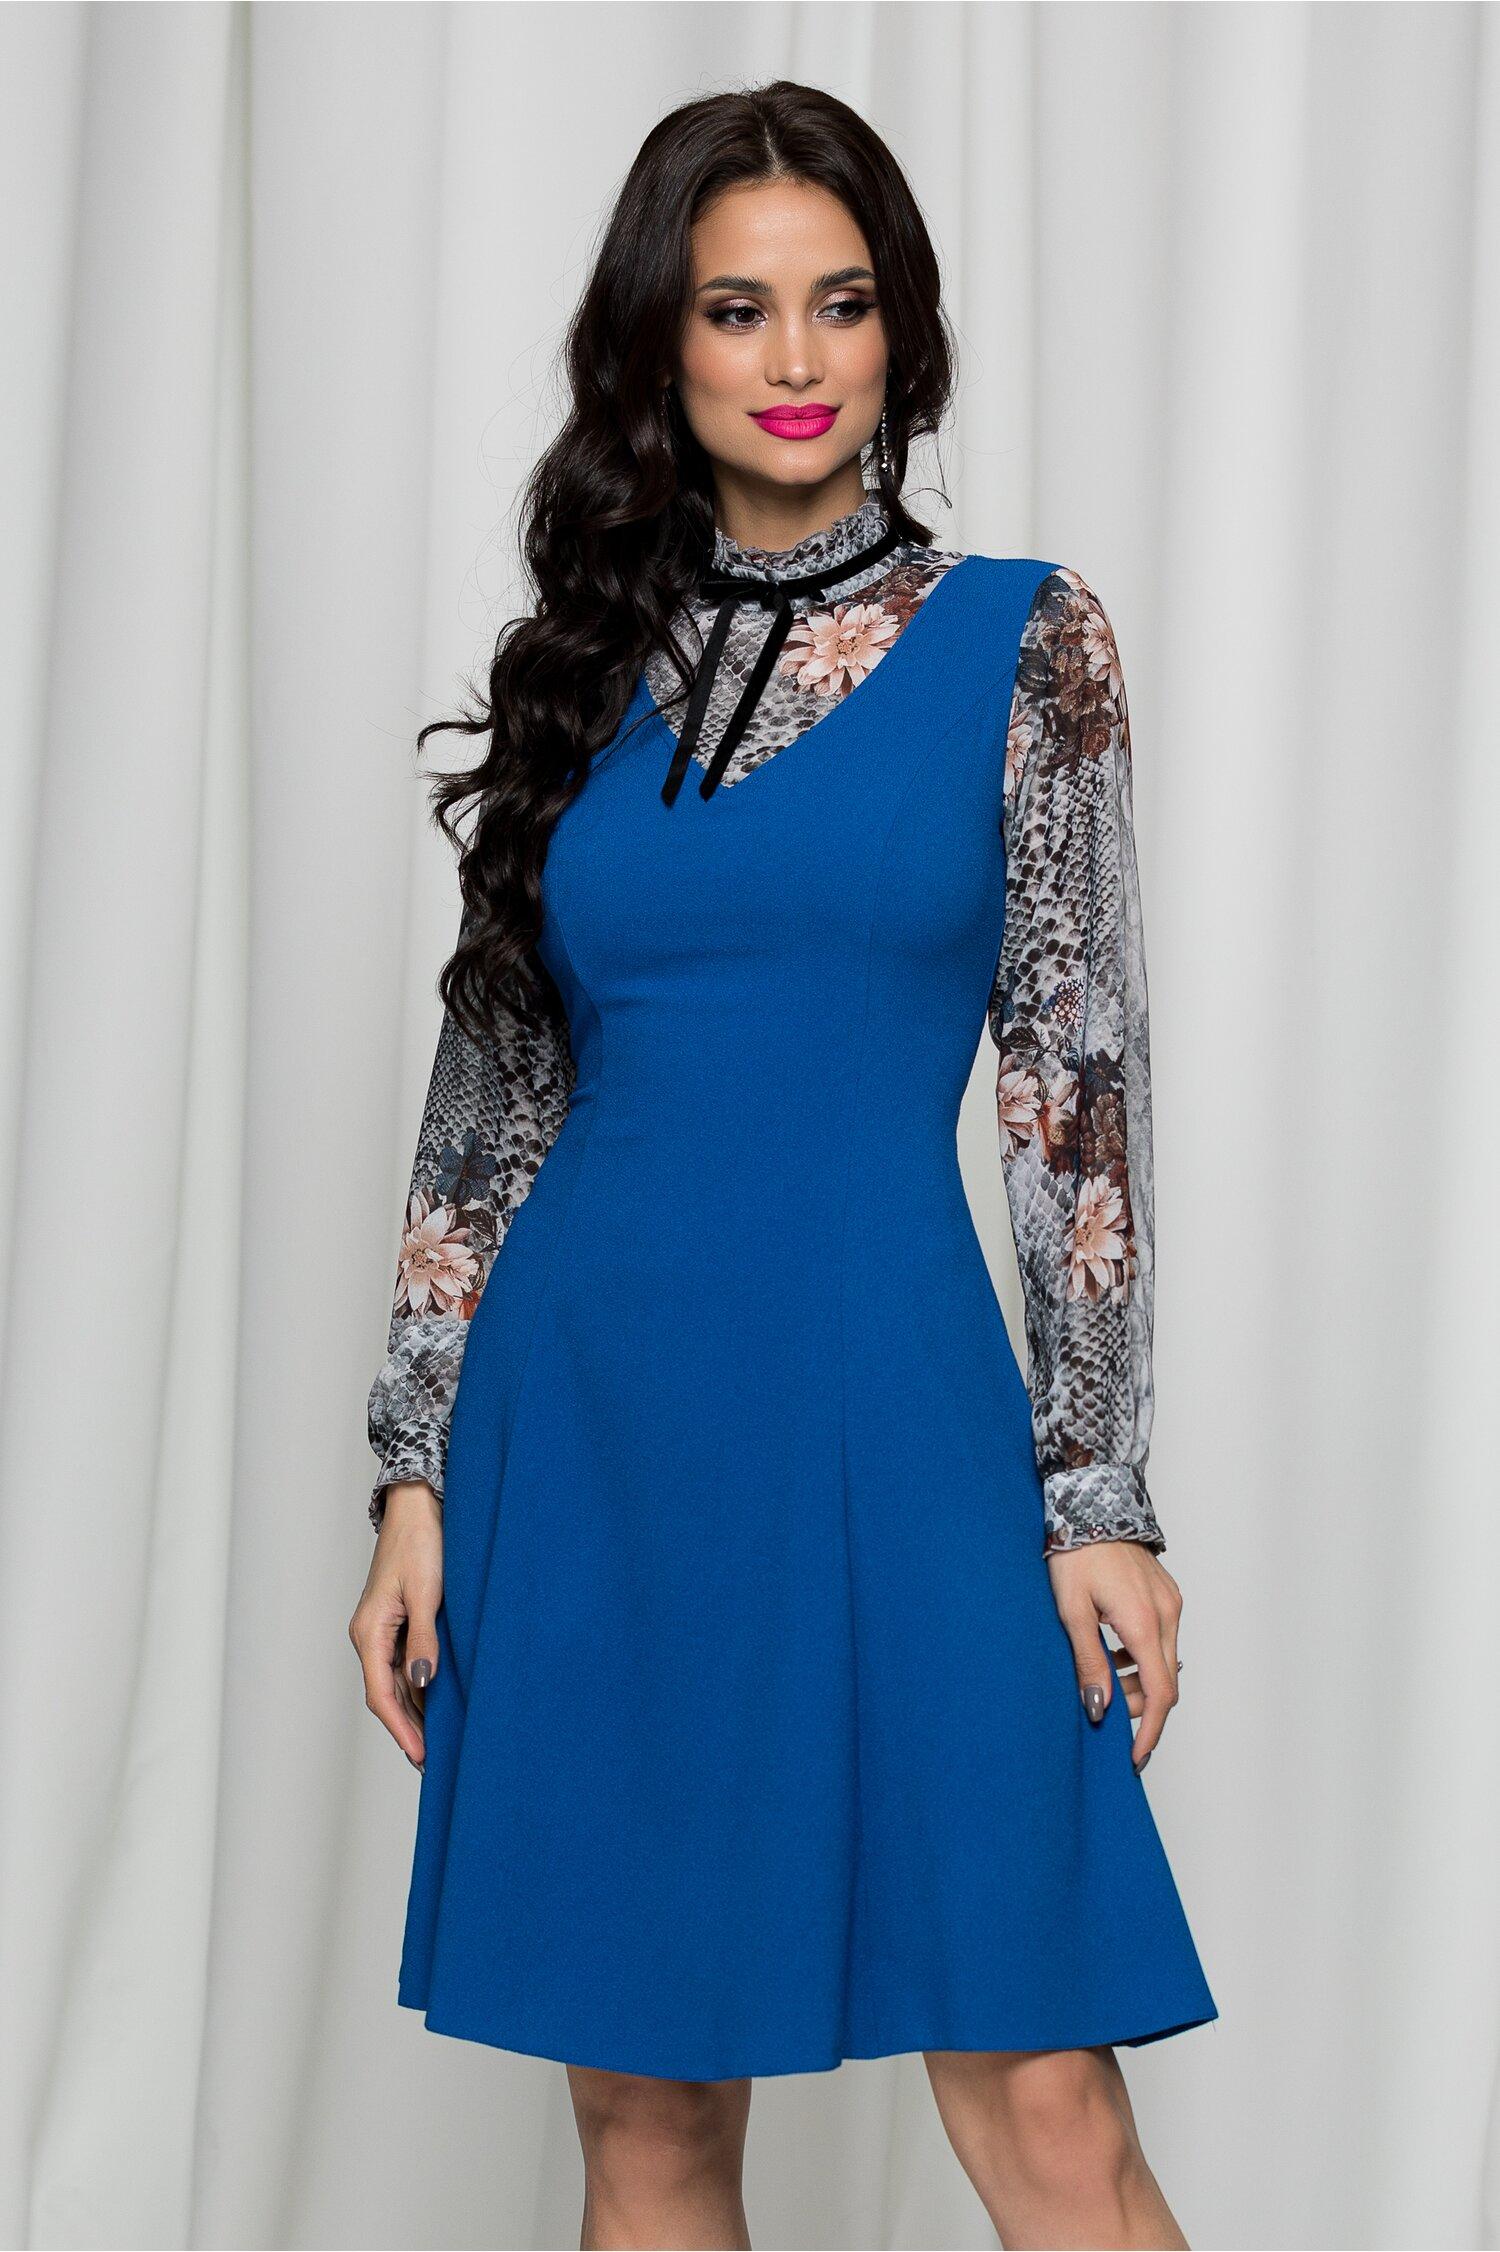 Rochie Sindy albastra cu guler inalt cu volanase si imprimeu floral